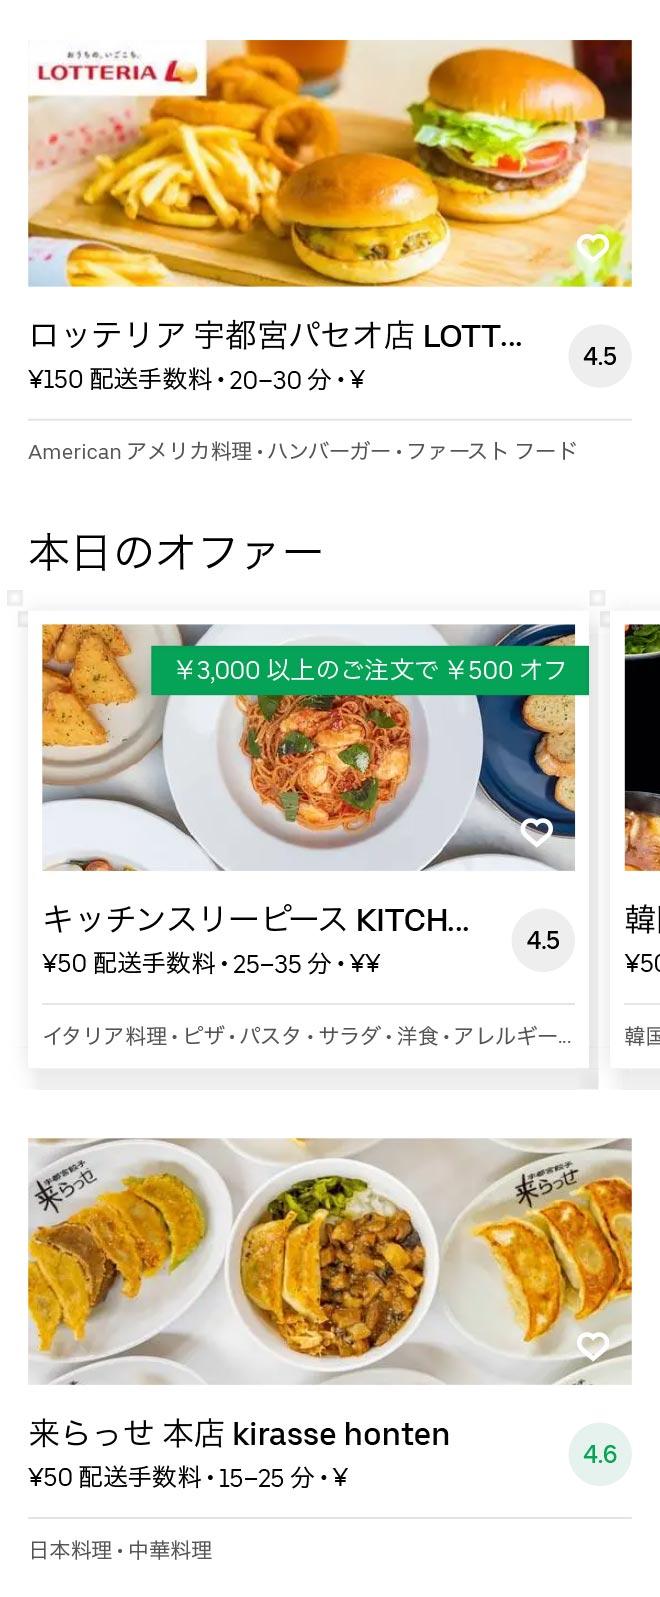 Tobu utsunomiya menu 2010 05